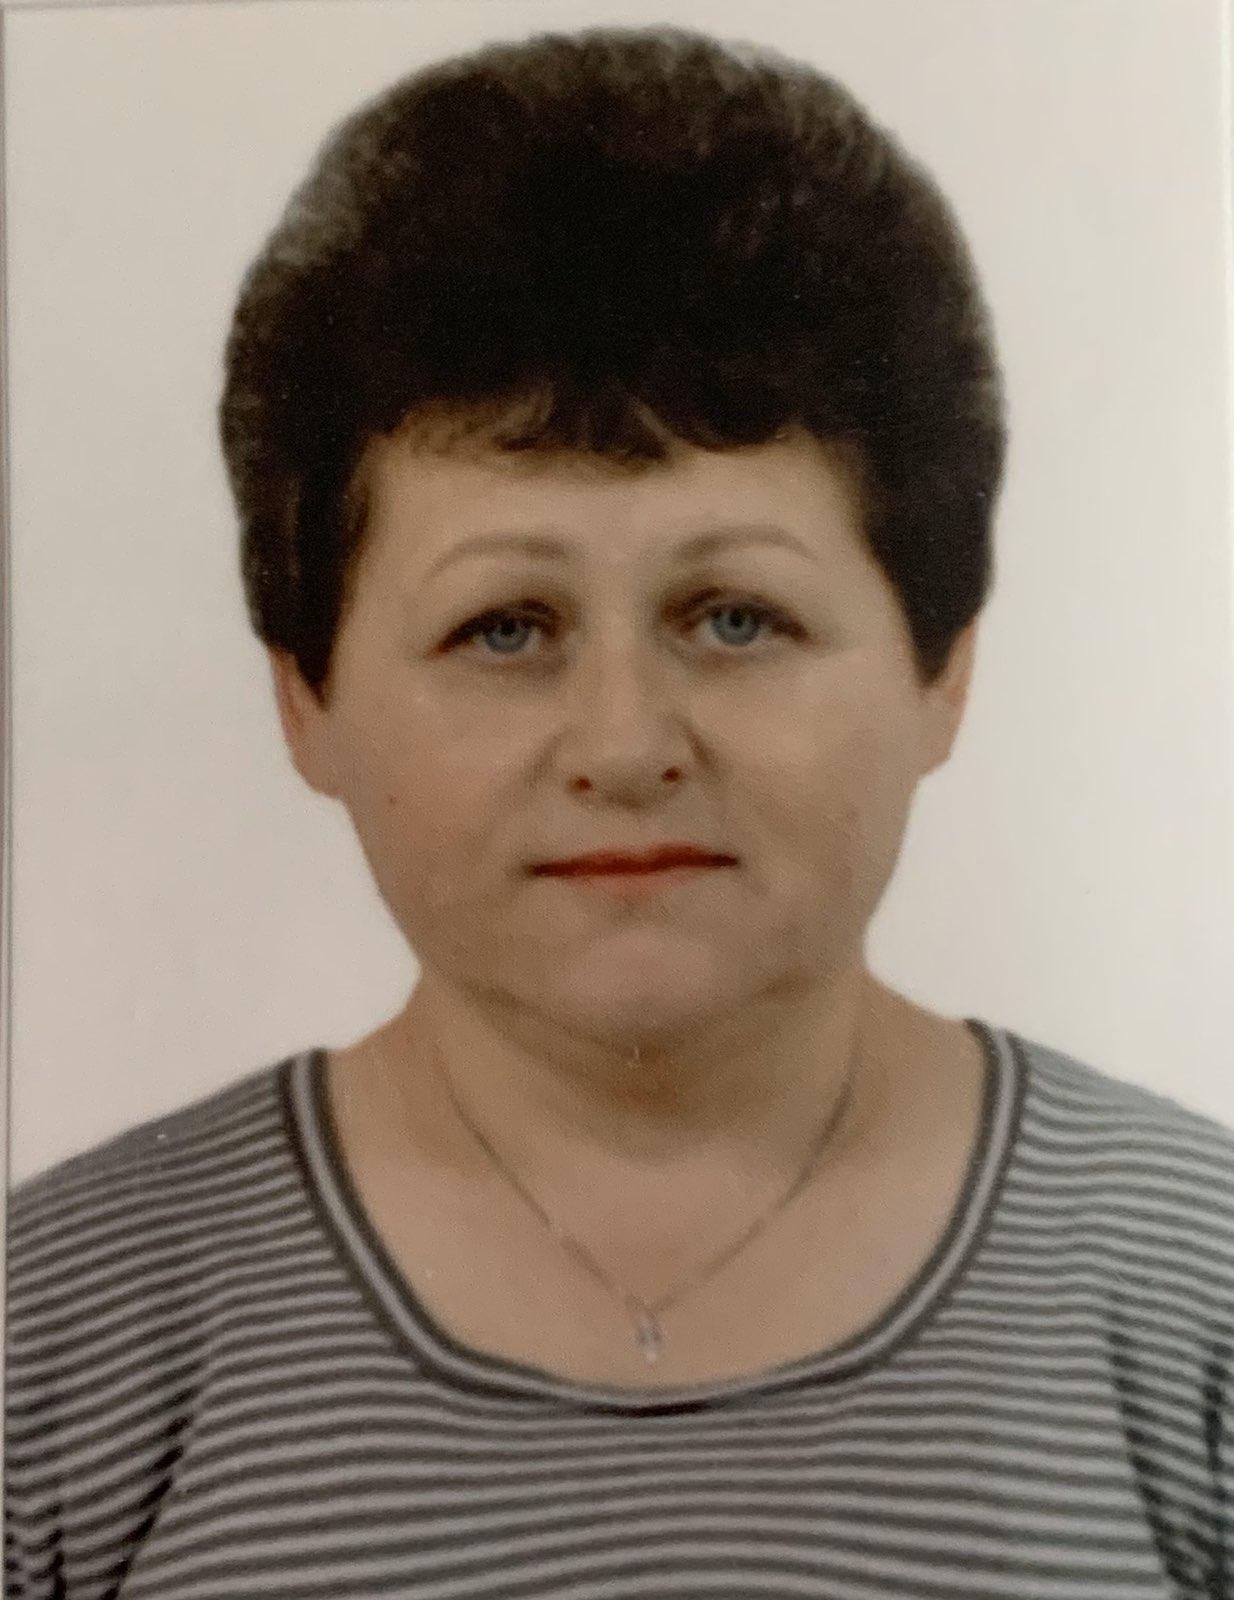 ищу сиделку киев - Сиделка-компаньонка, помощница по дому